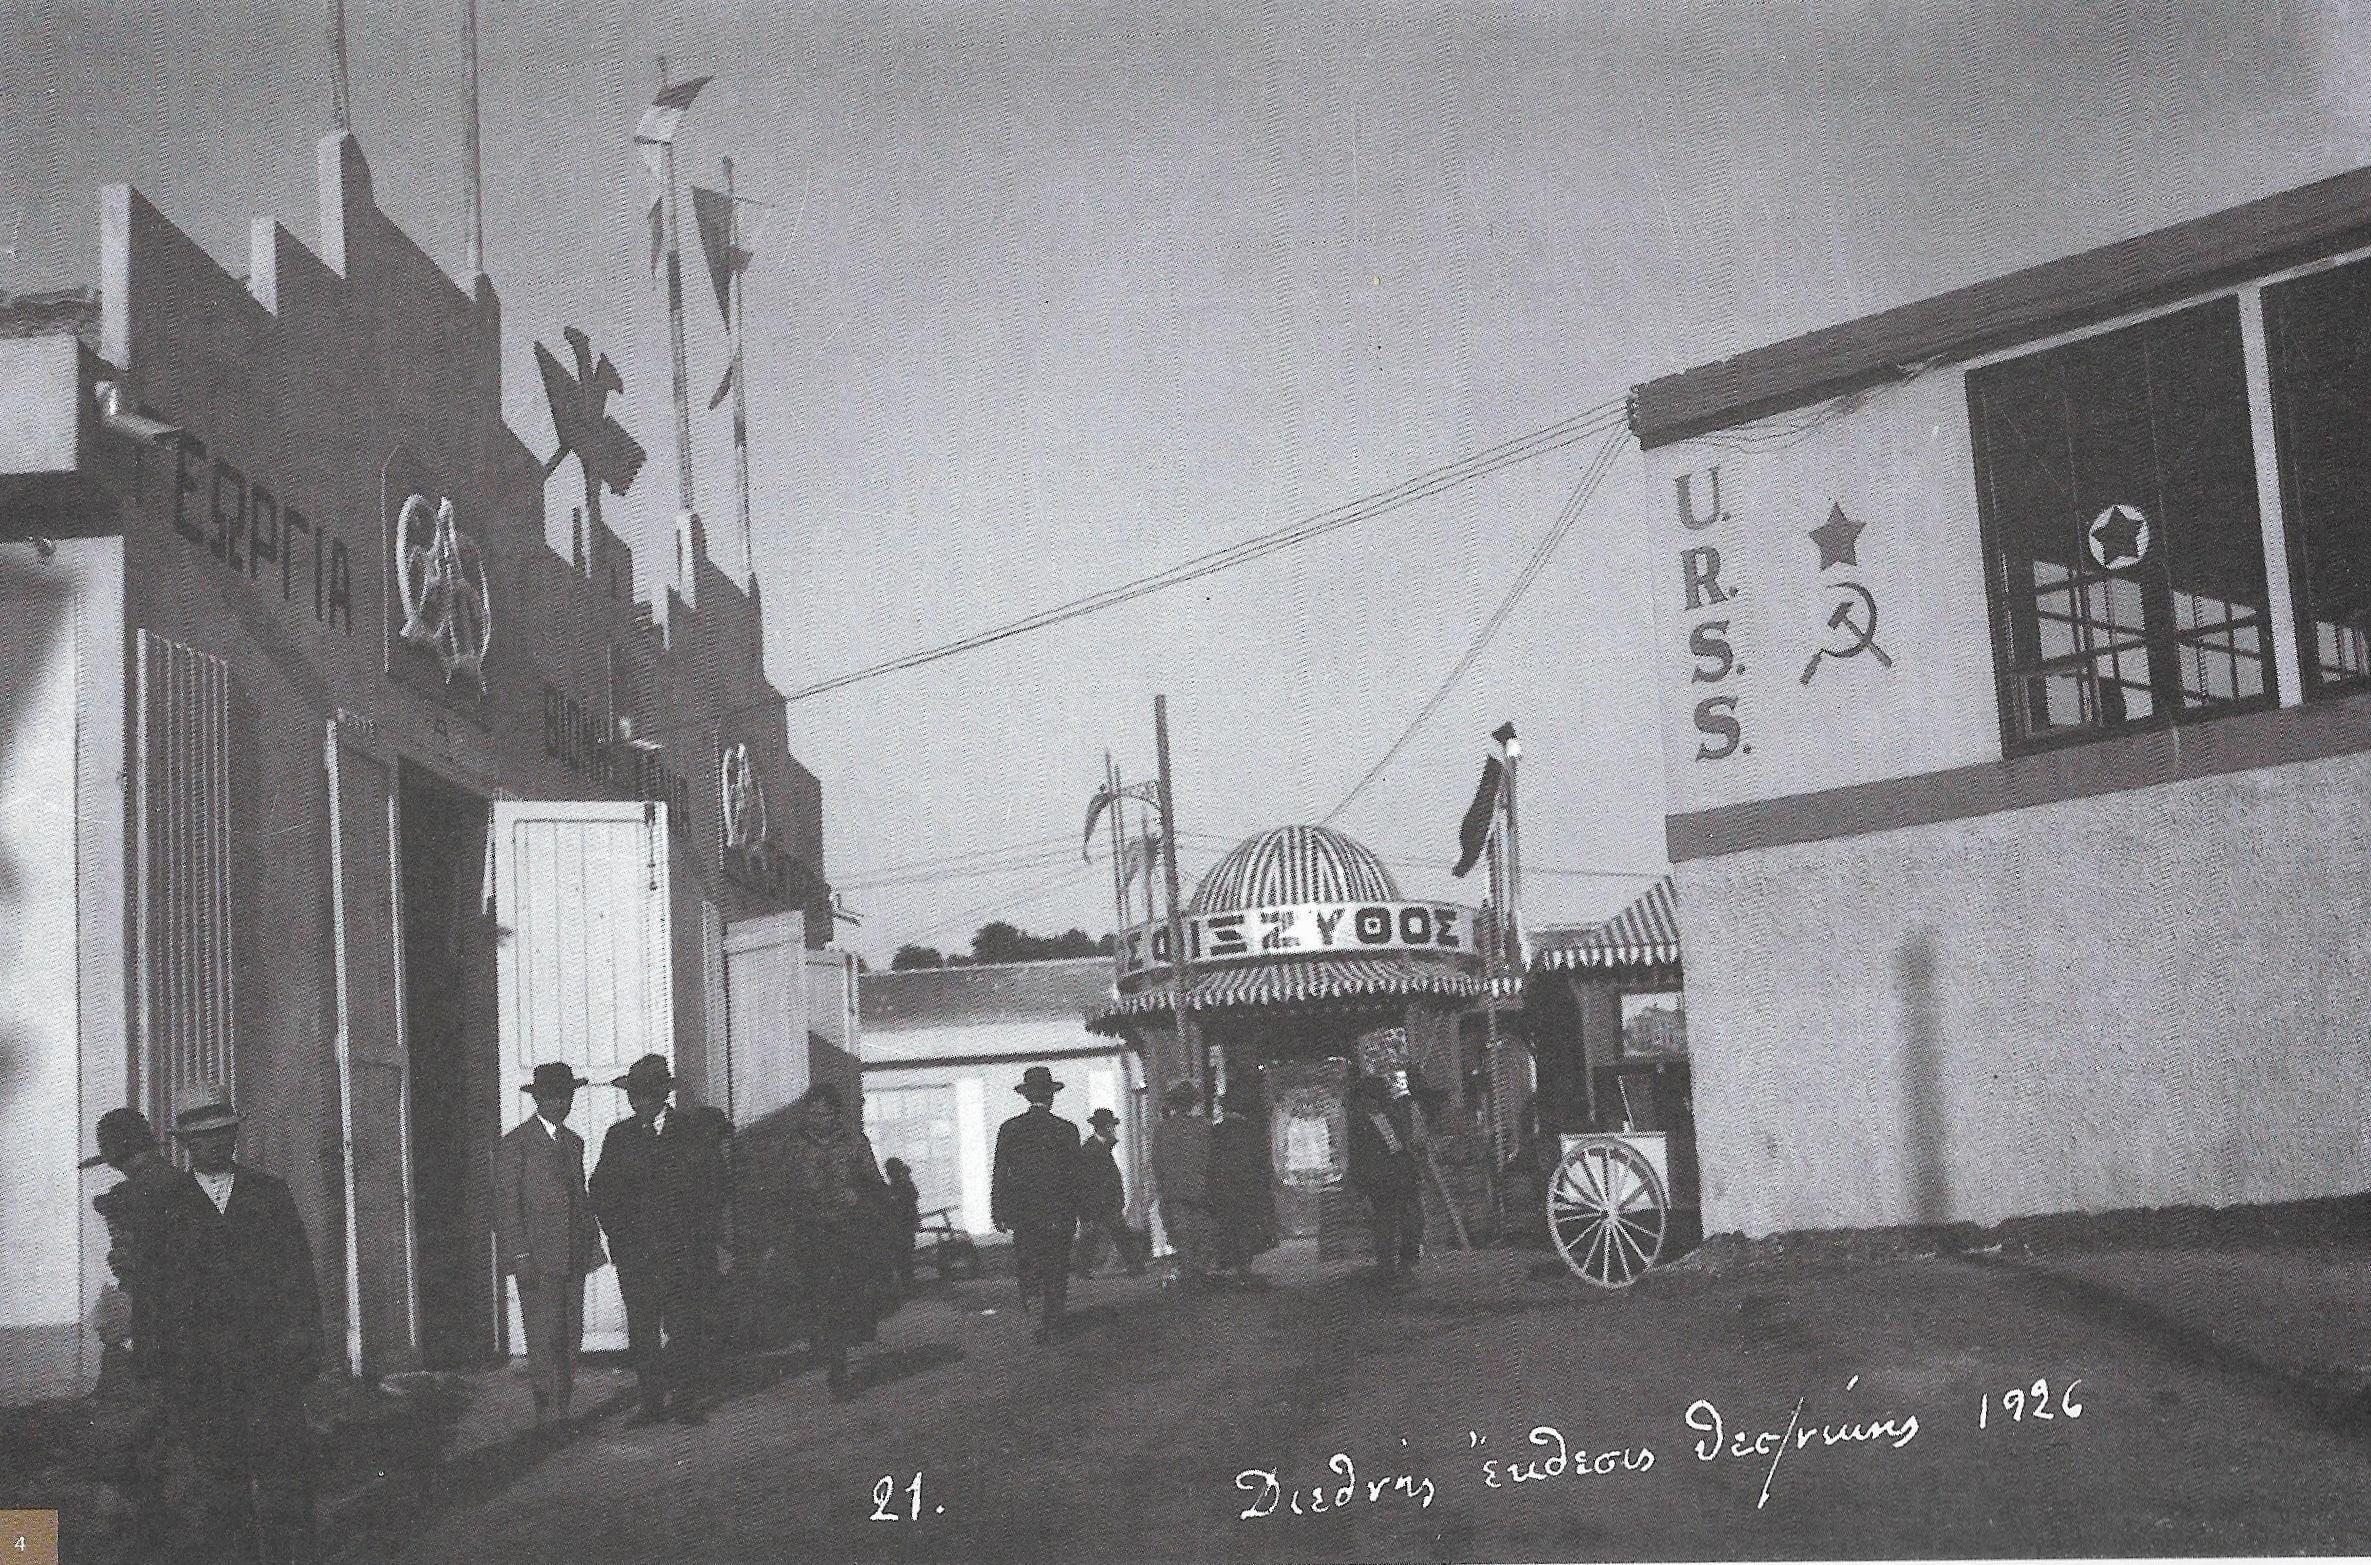 DETH-1926eikon 001